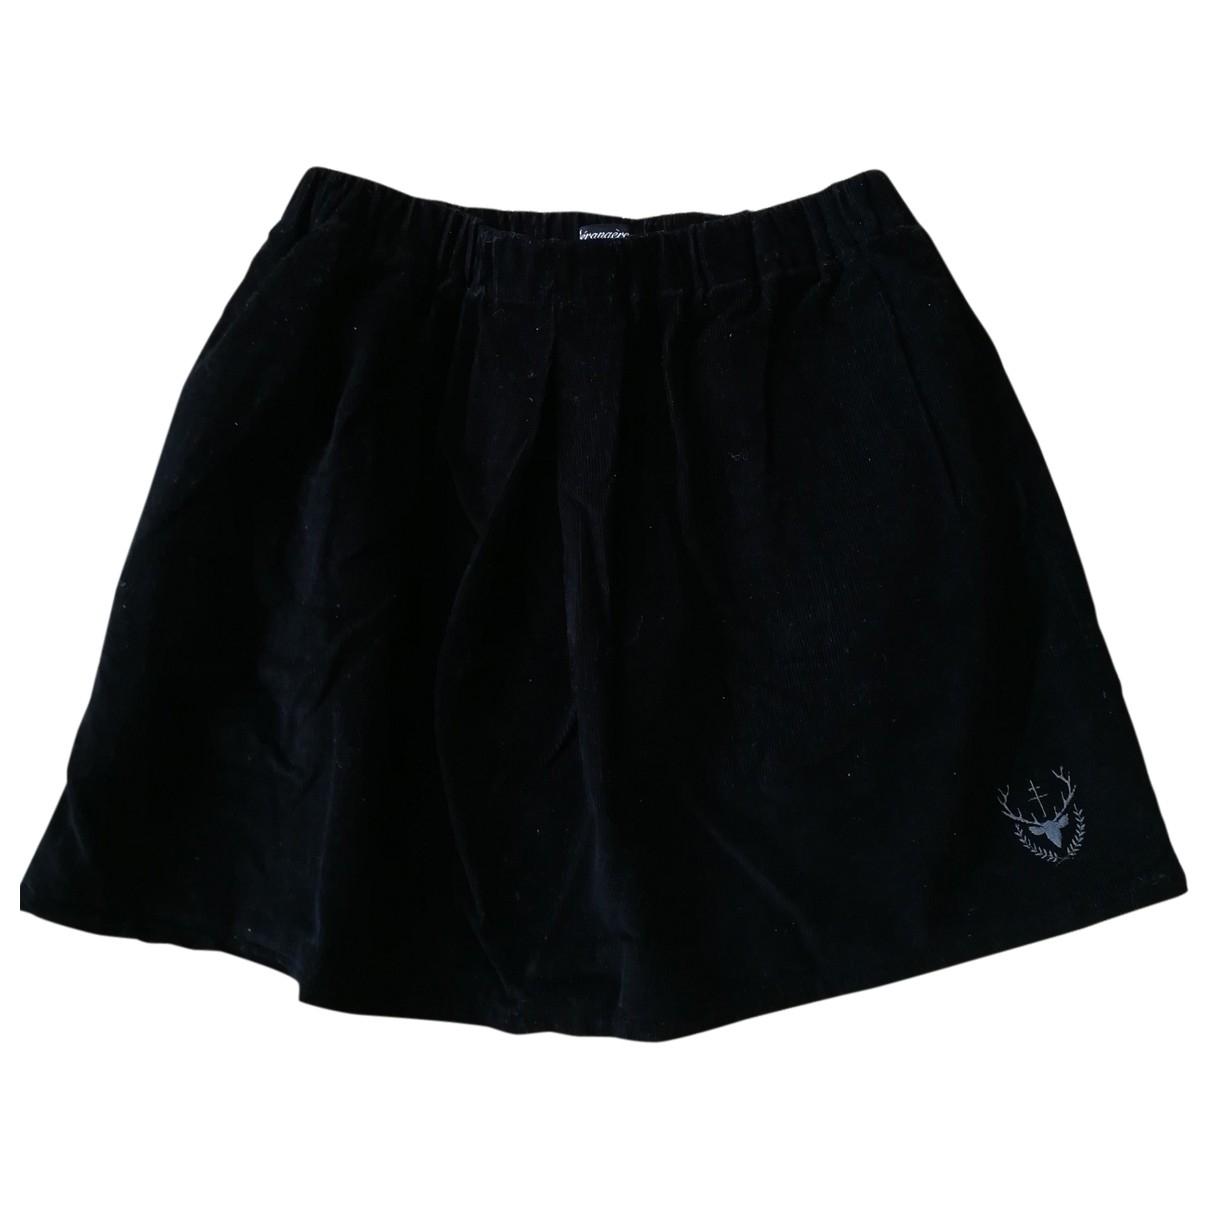 Bérangère Claire \N Black Velvet skirt for Women 36 FR